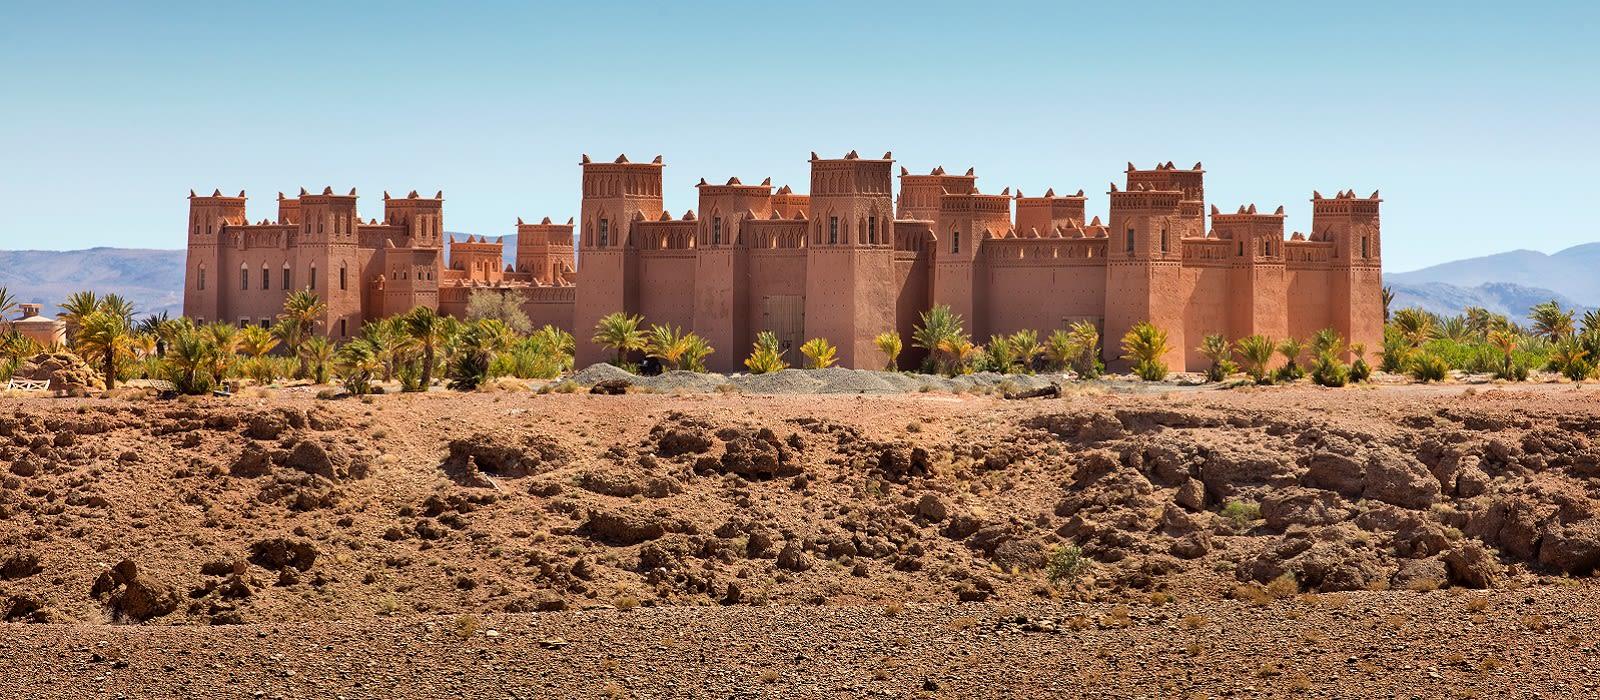 Marokko: Geschäftige Souks, majestätische Gipfel & goldene Sahara Urlaub 4